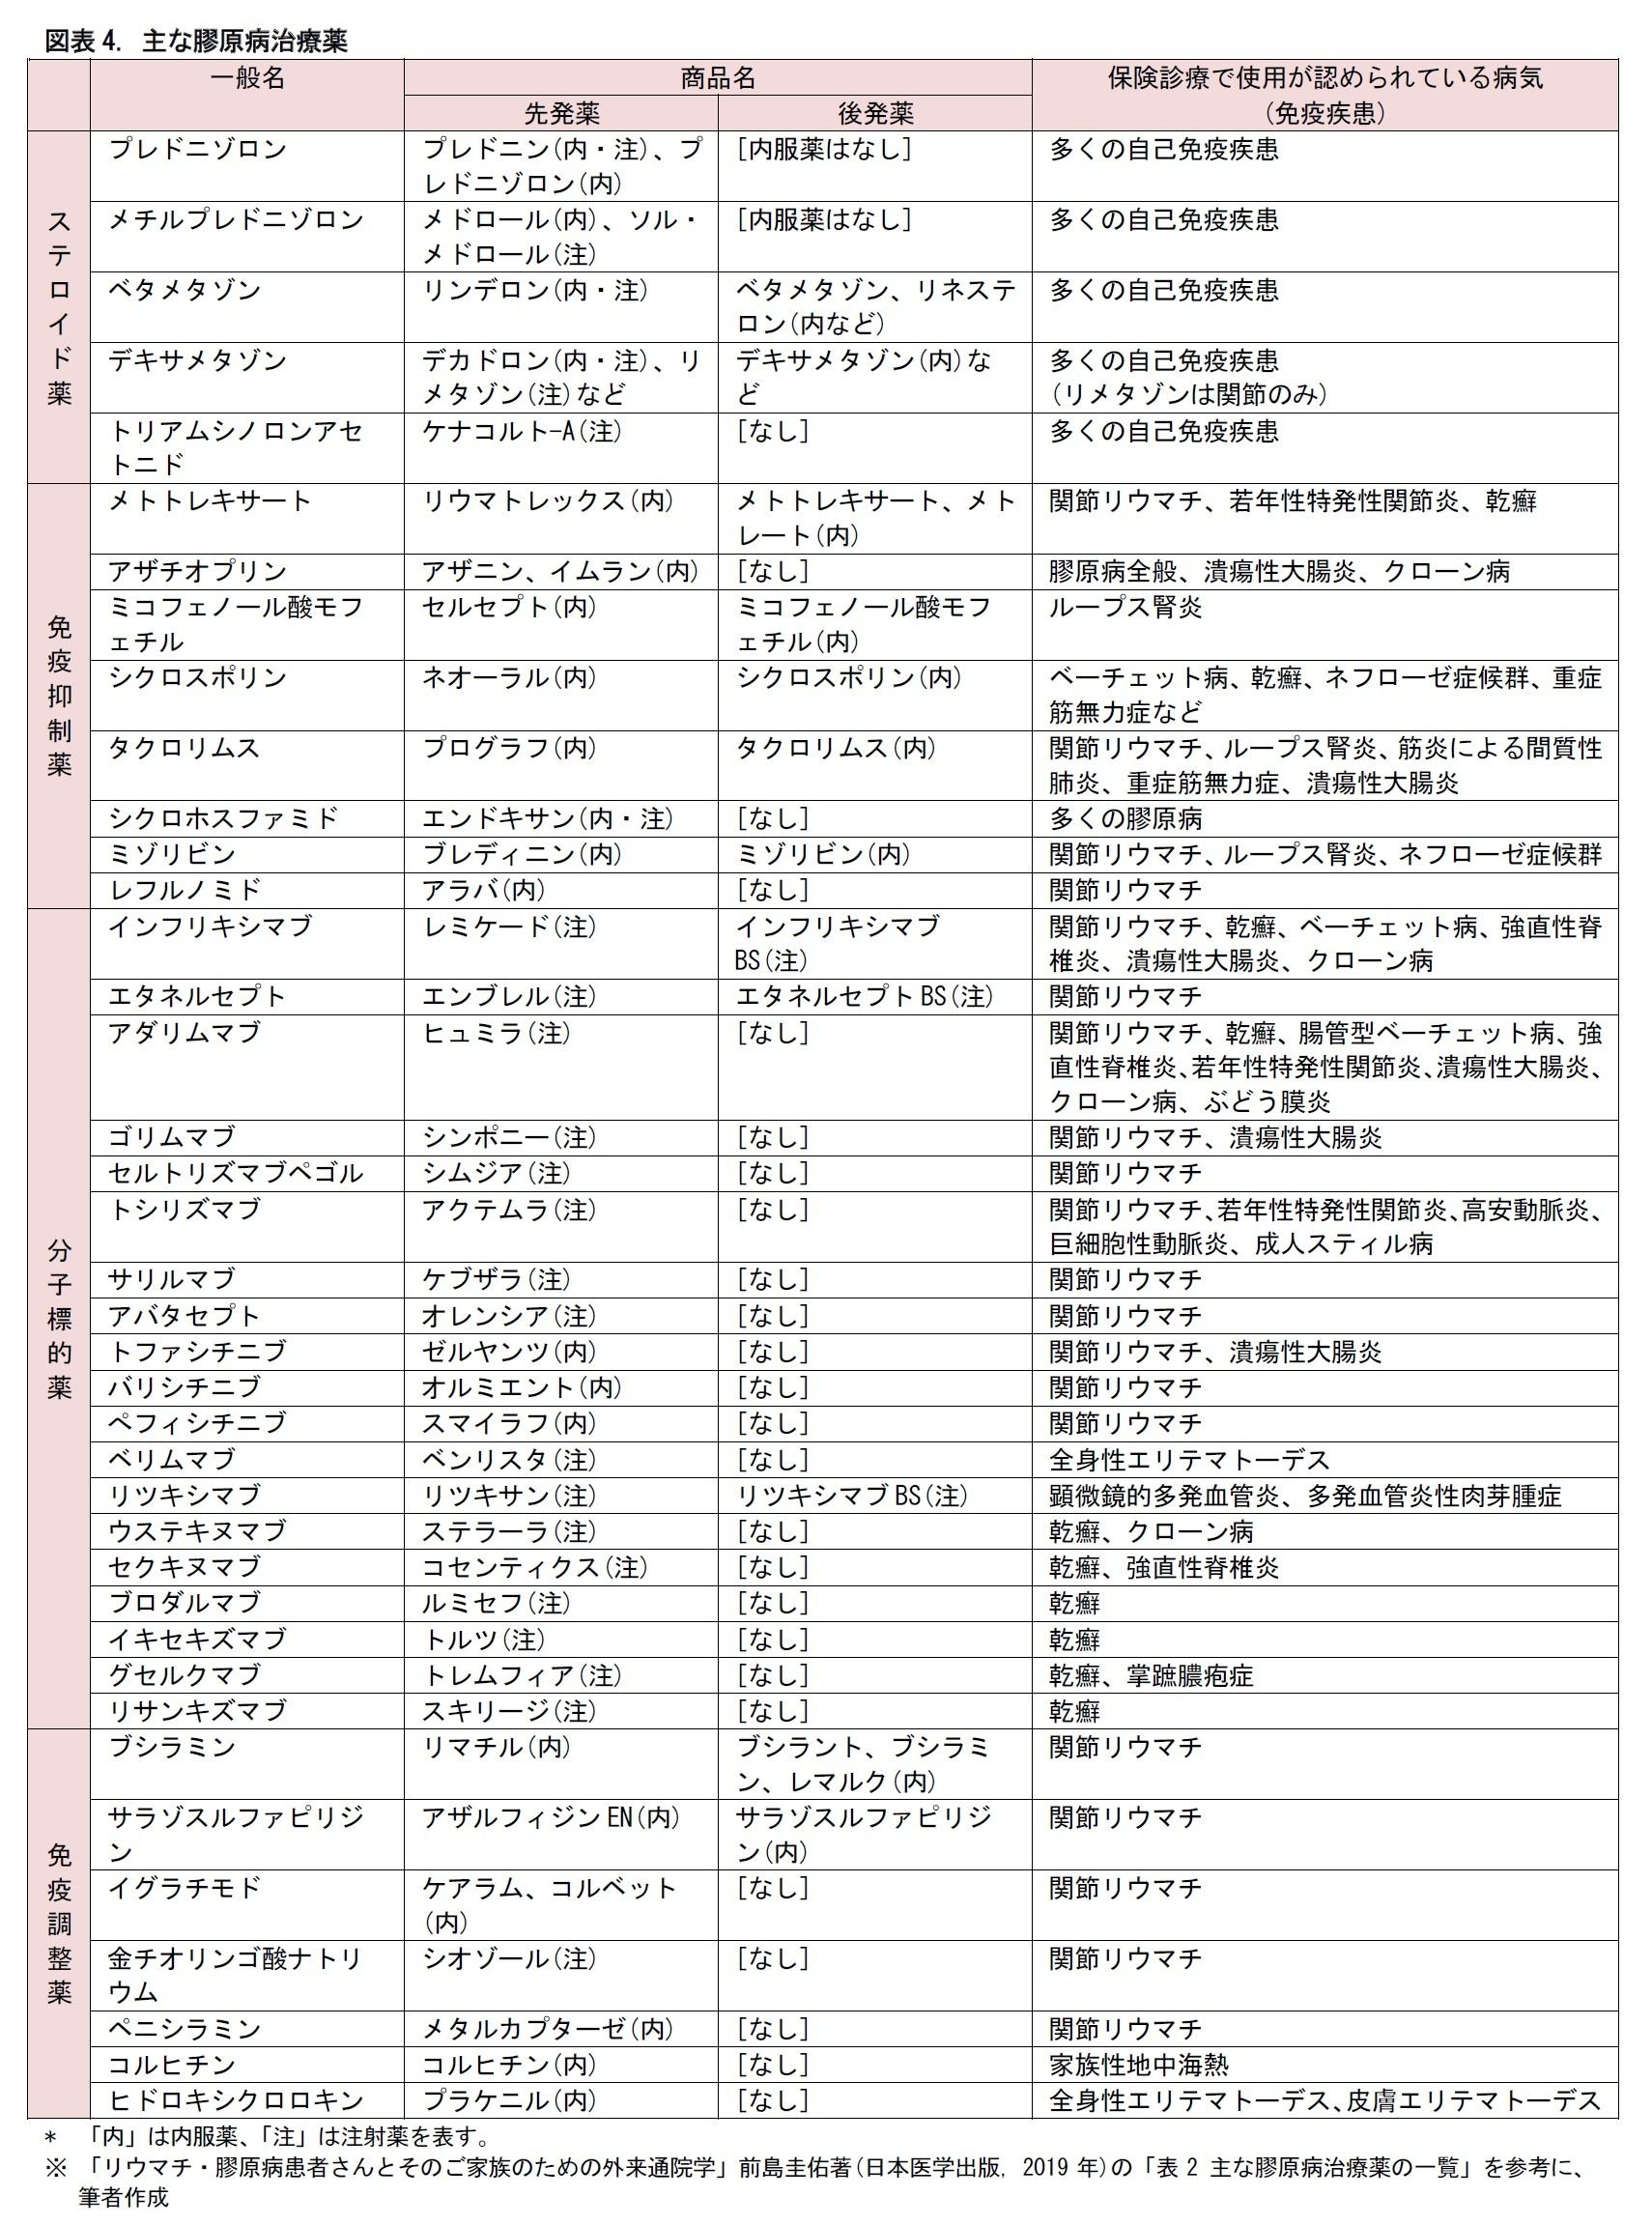 図表4. 主な膠原病治療薬